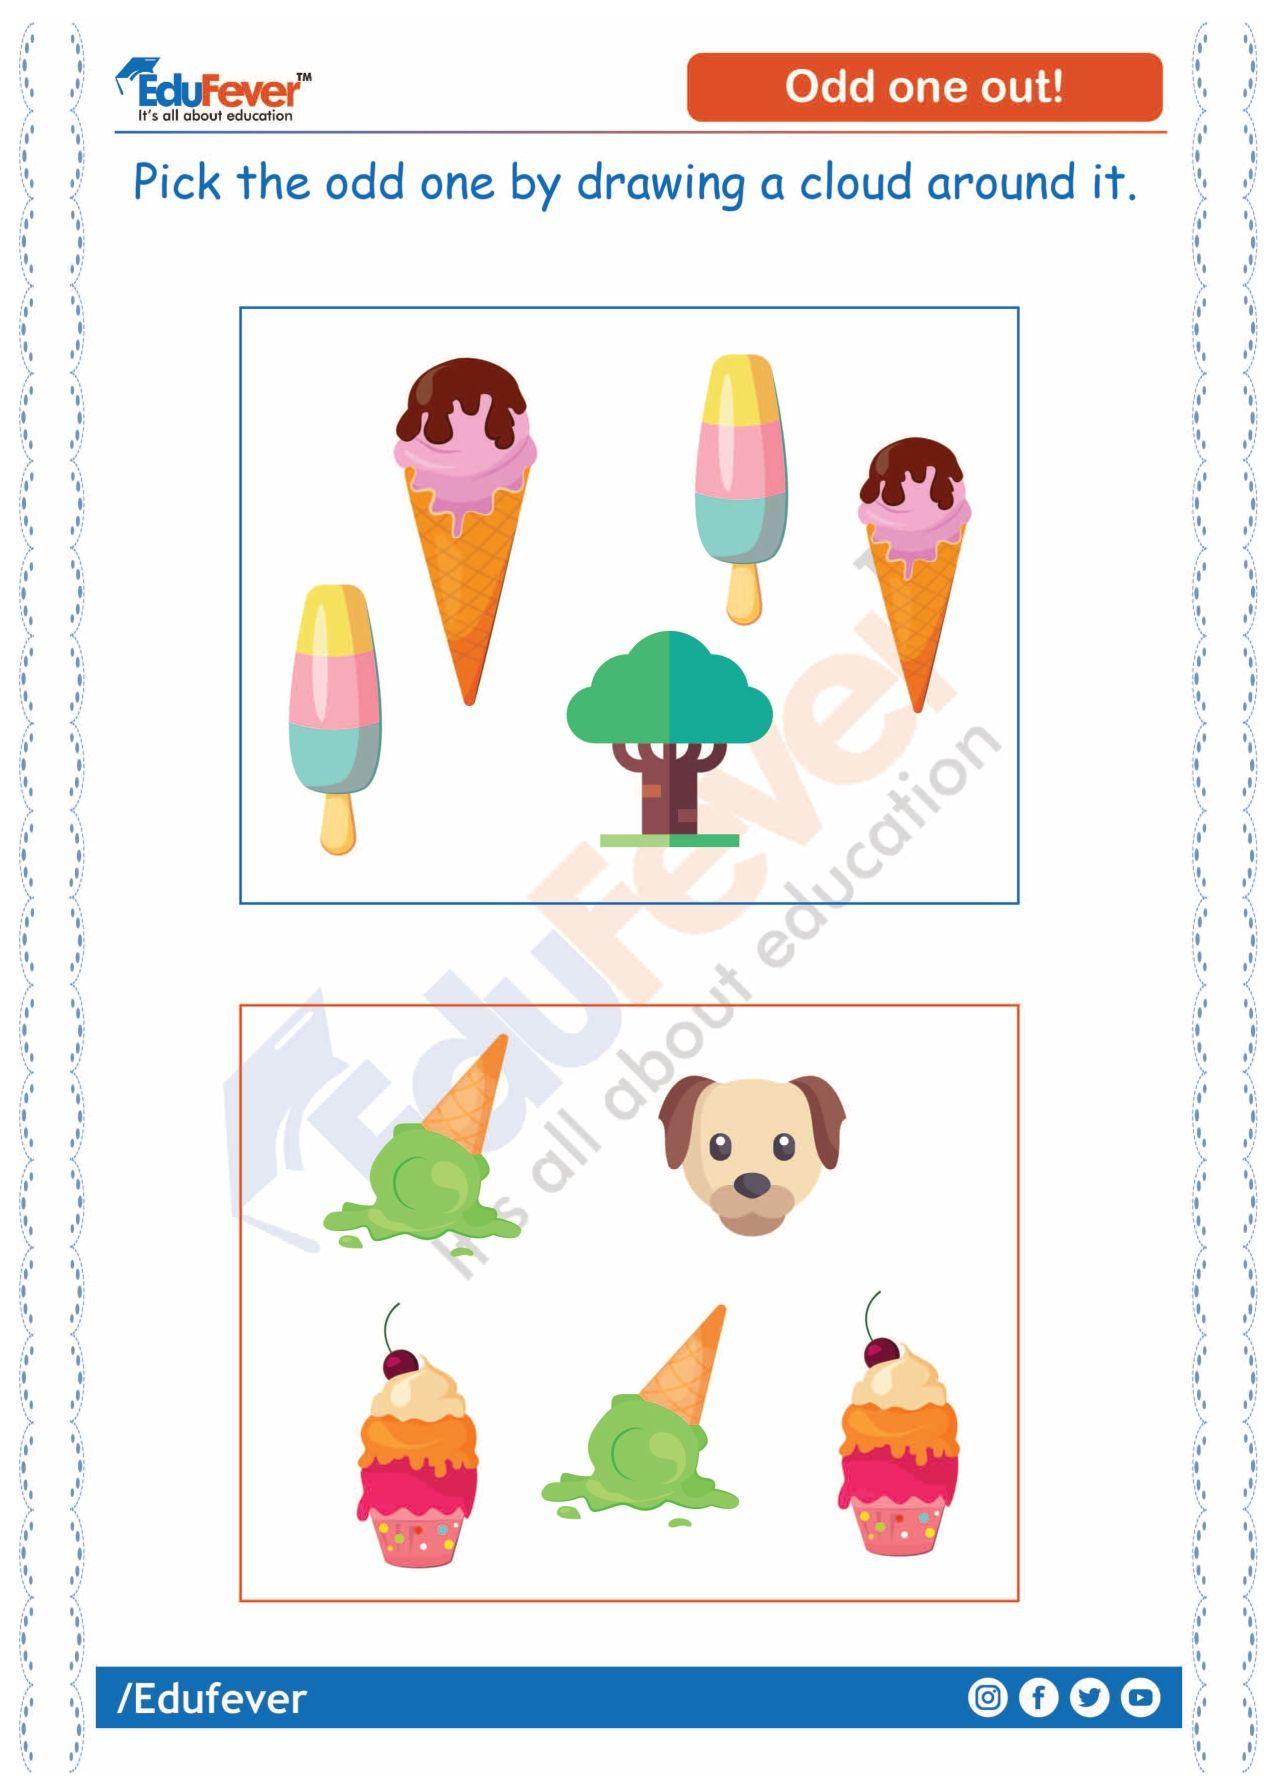 Pick Odd One Out Ukg Worksheet Joyful Learning Worksheets For Kids Worksheets [ 1792 x 1278 Pixel ]